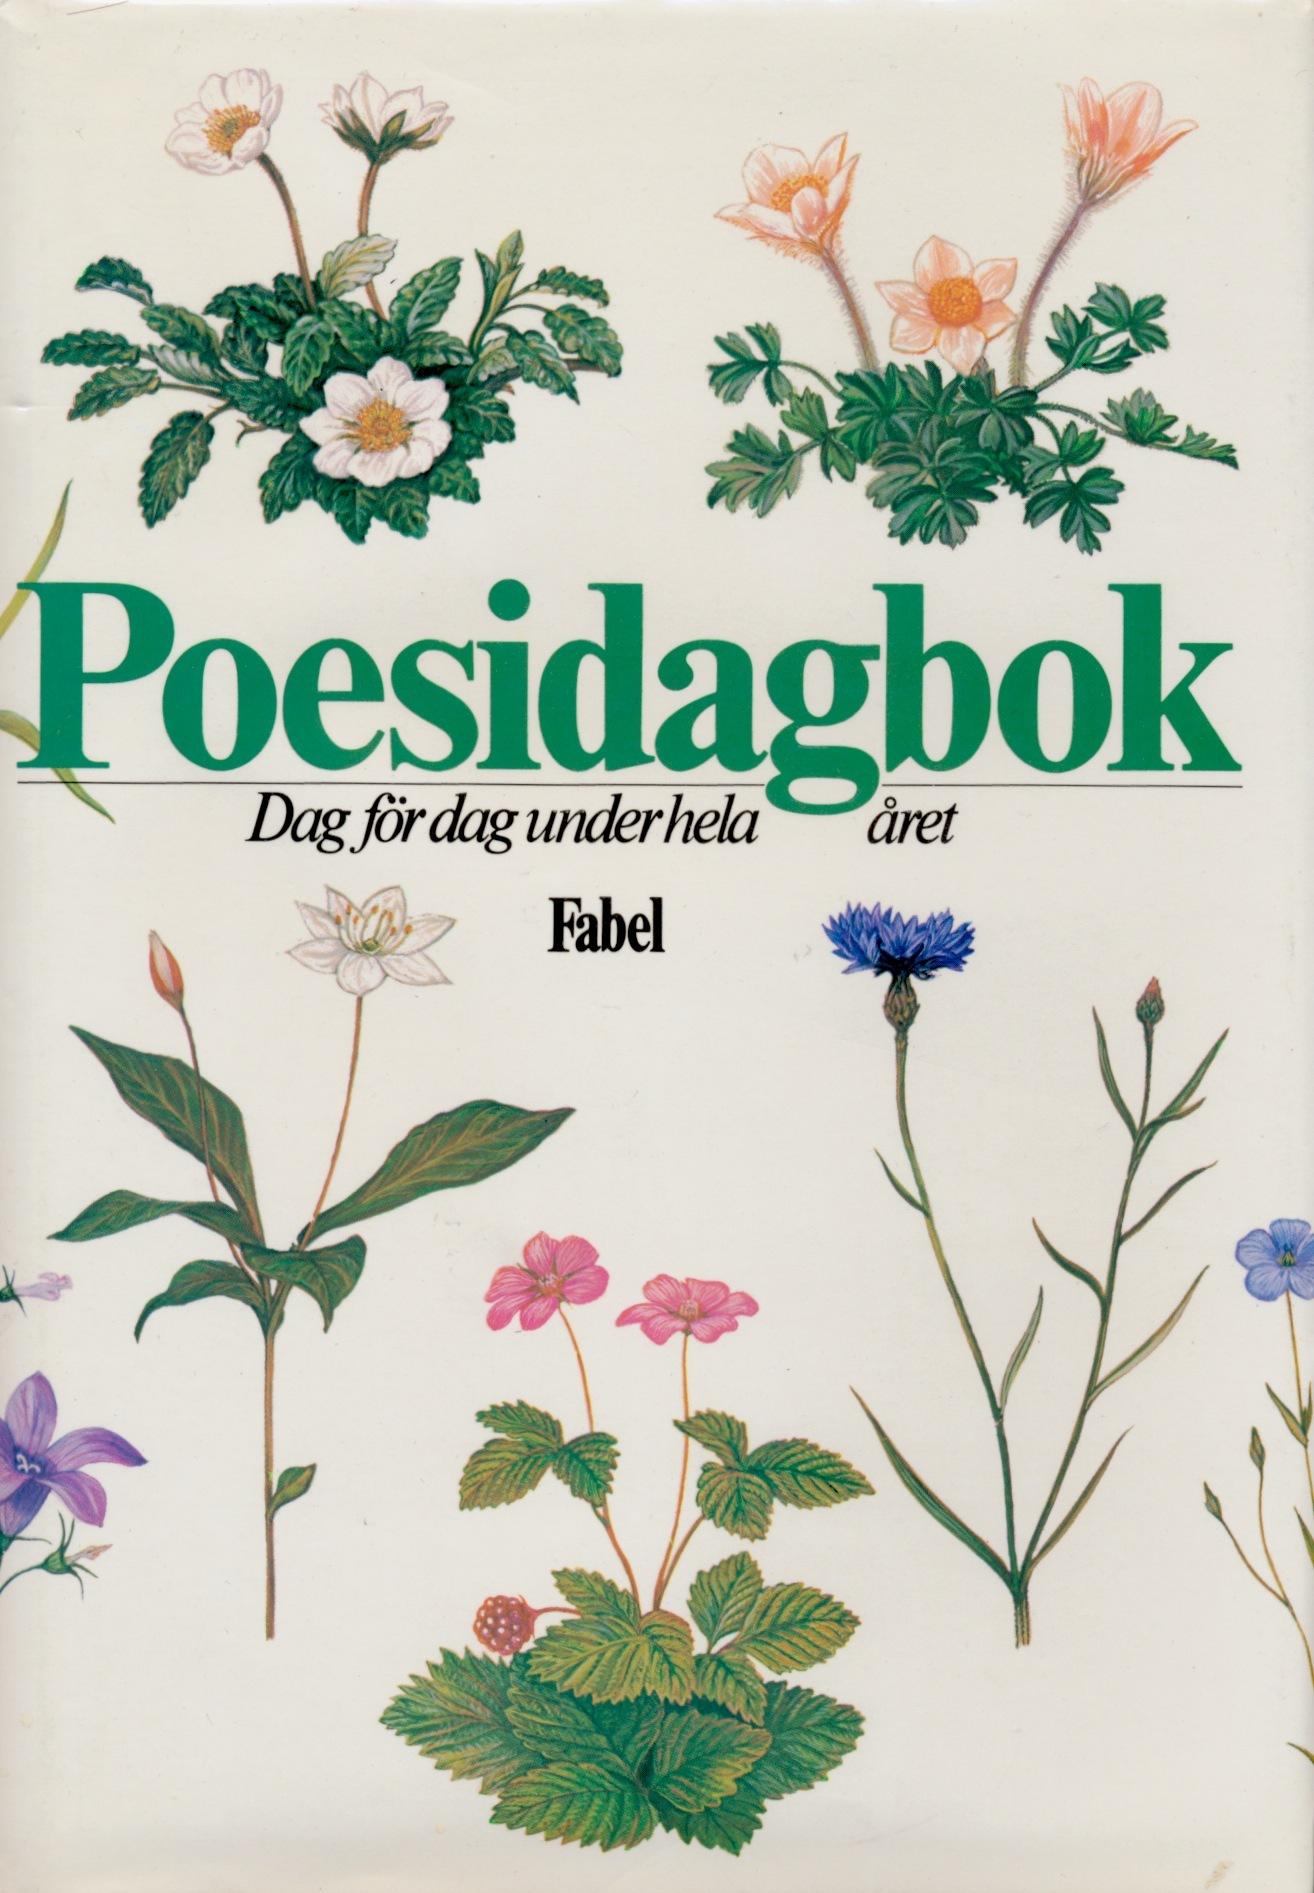 Poesidagbok: dag för dag under hela året  by  Ragnhild Löwenmark